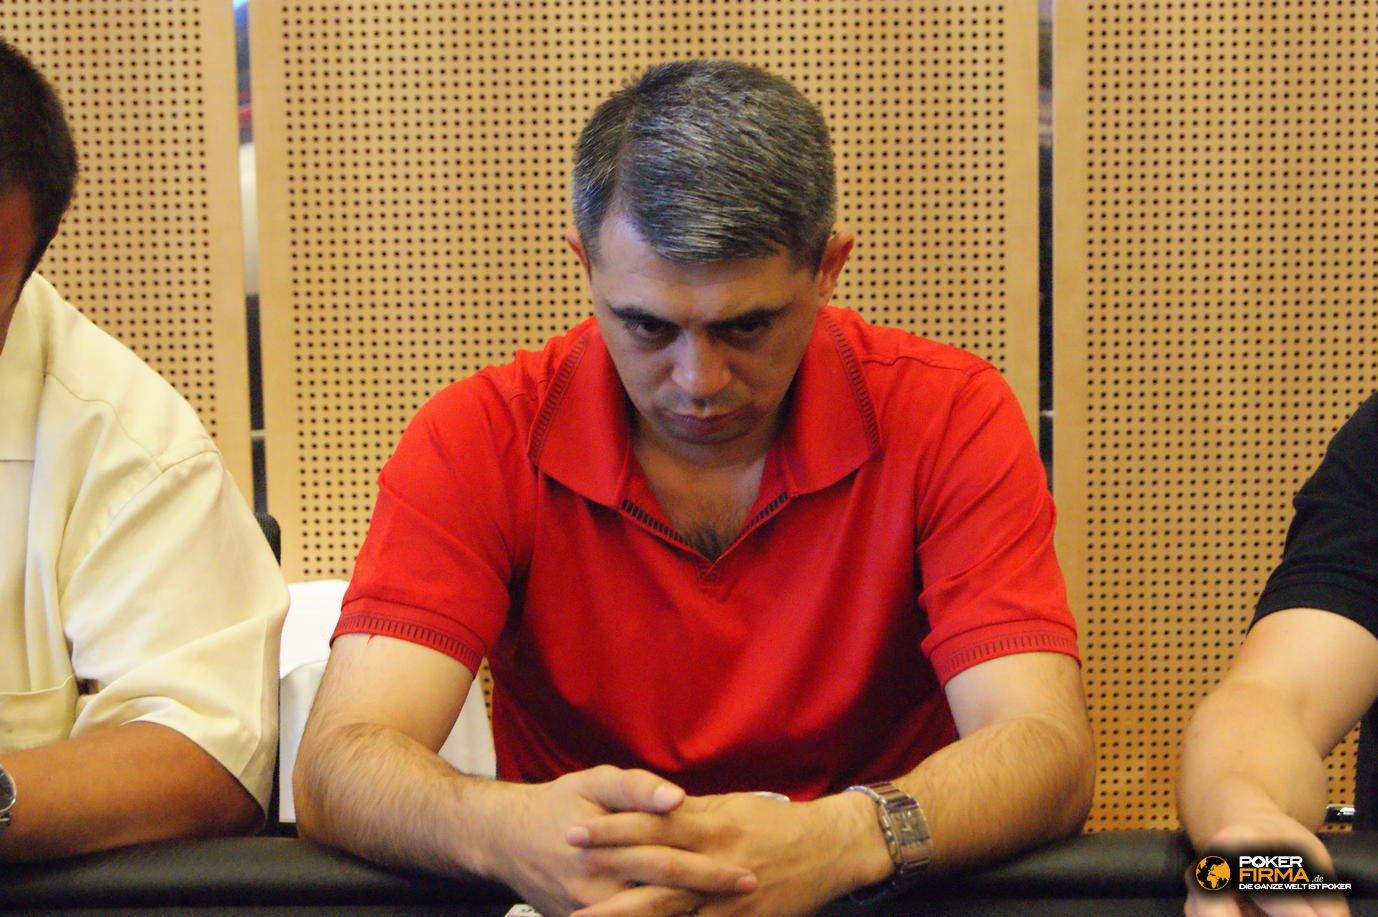 CAPT_Velden_500_NLH_17072012_Vladimir_Ghazaryan.JPG